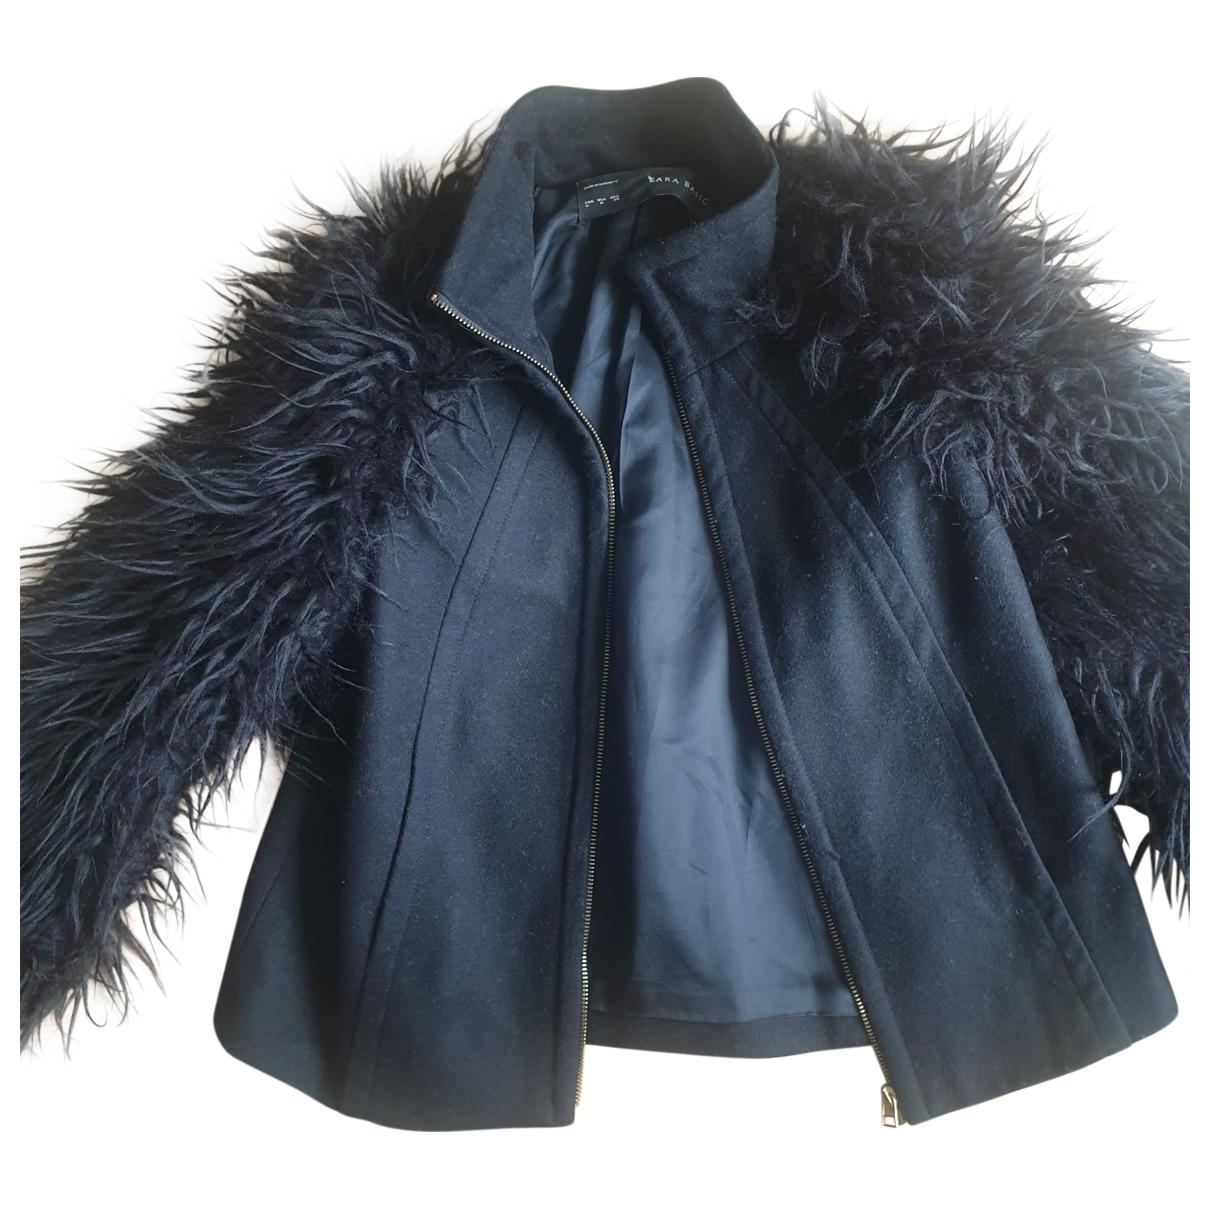 Zara - Veste   pour femme en fourrure synthetique - noir